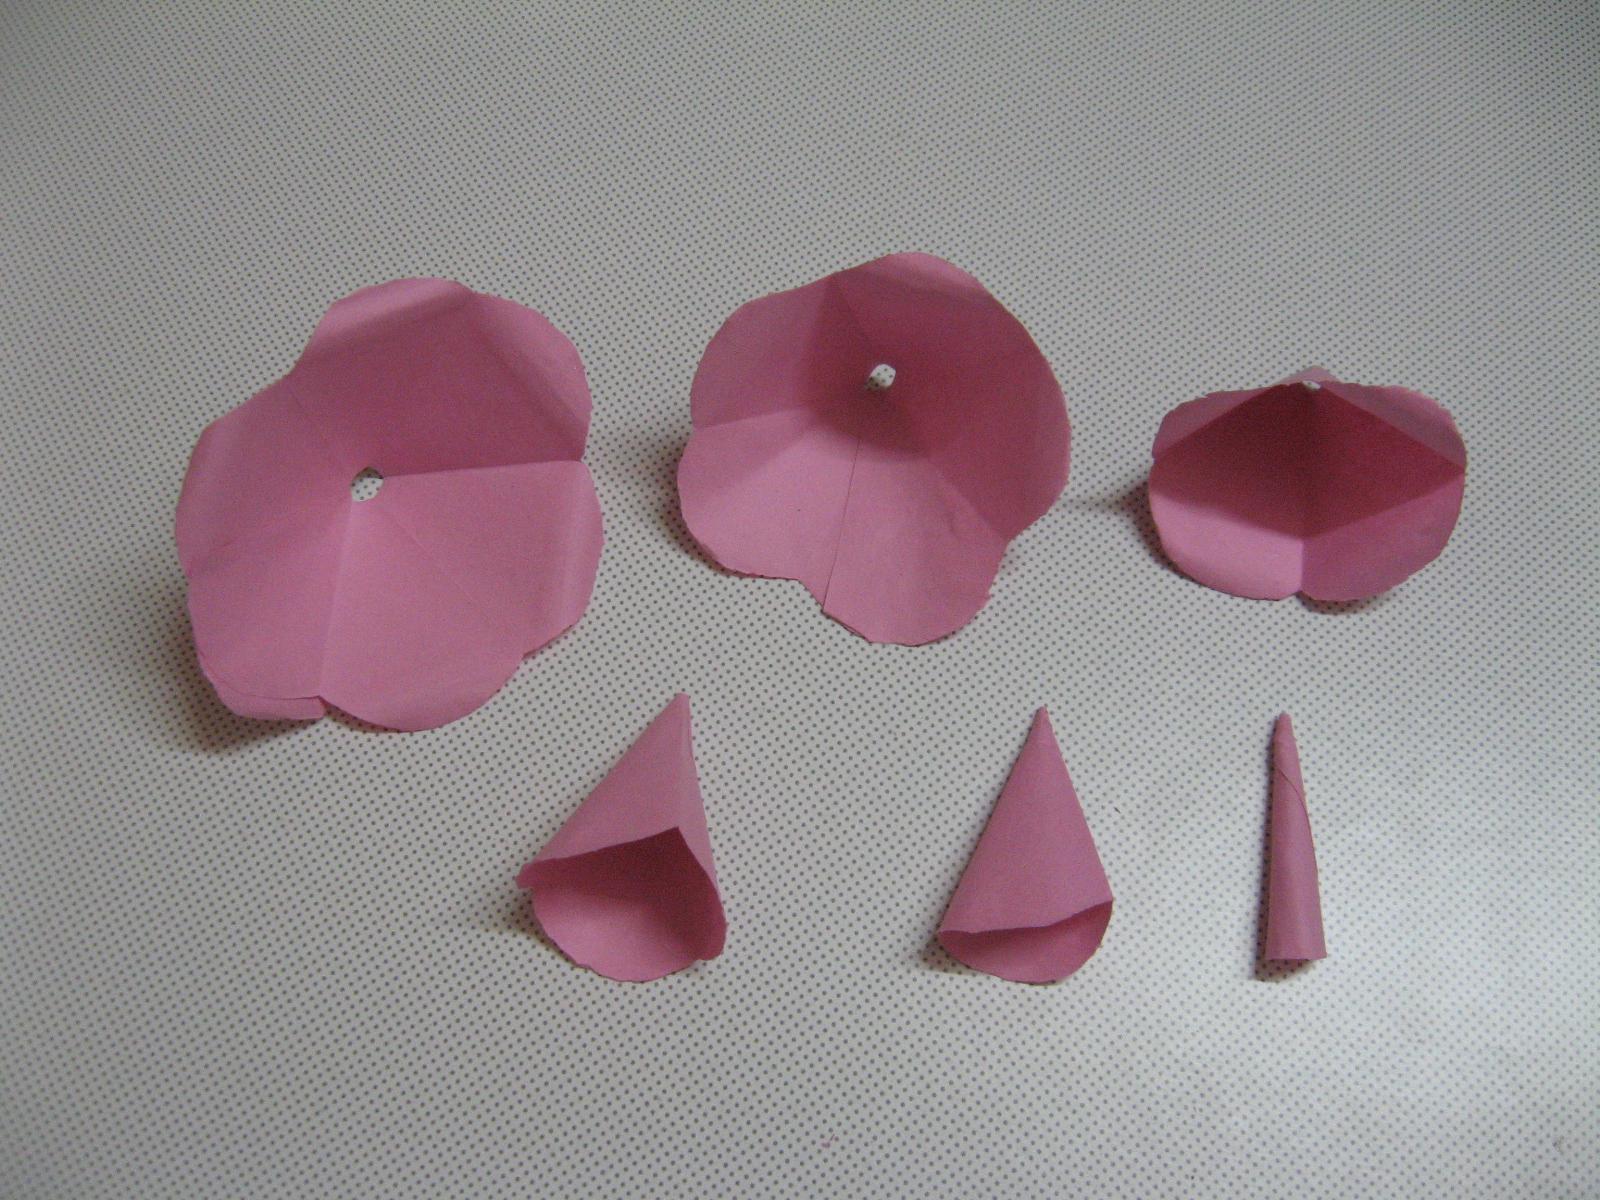 Picture of Glue Edges